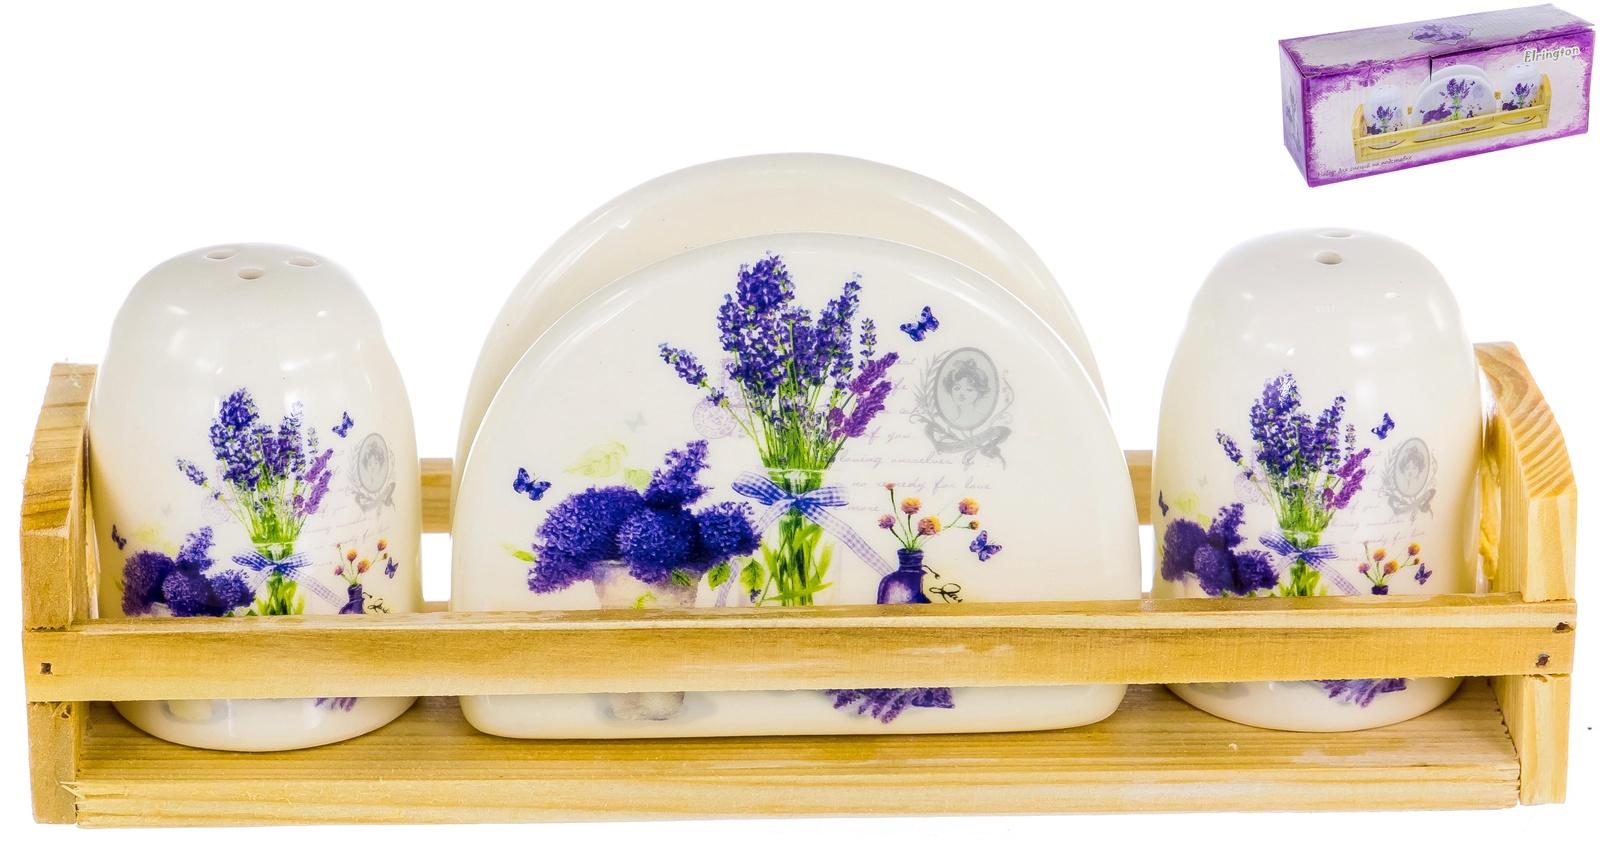 Набор салфетница, солонка, перечница на деревянной подставке, декор ВИОЛЕТ, подарочная упаковка ТМ Elrington , арт. 110-07059 цены